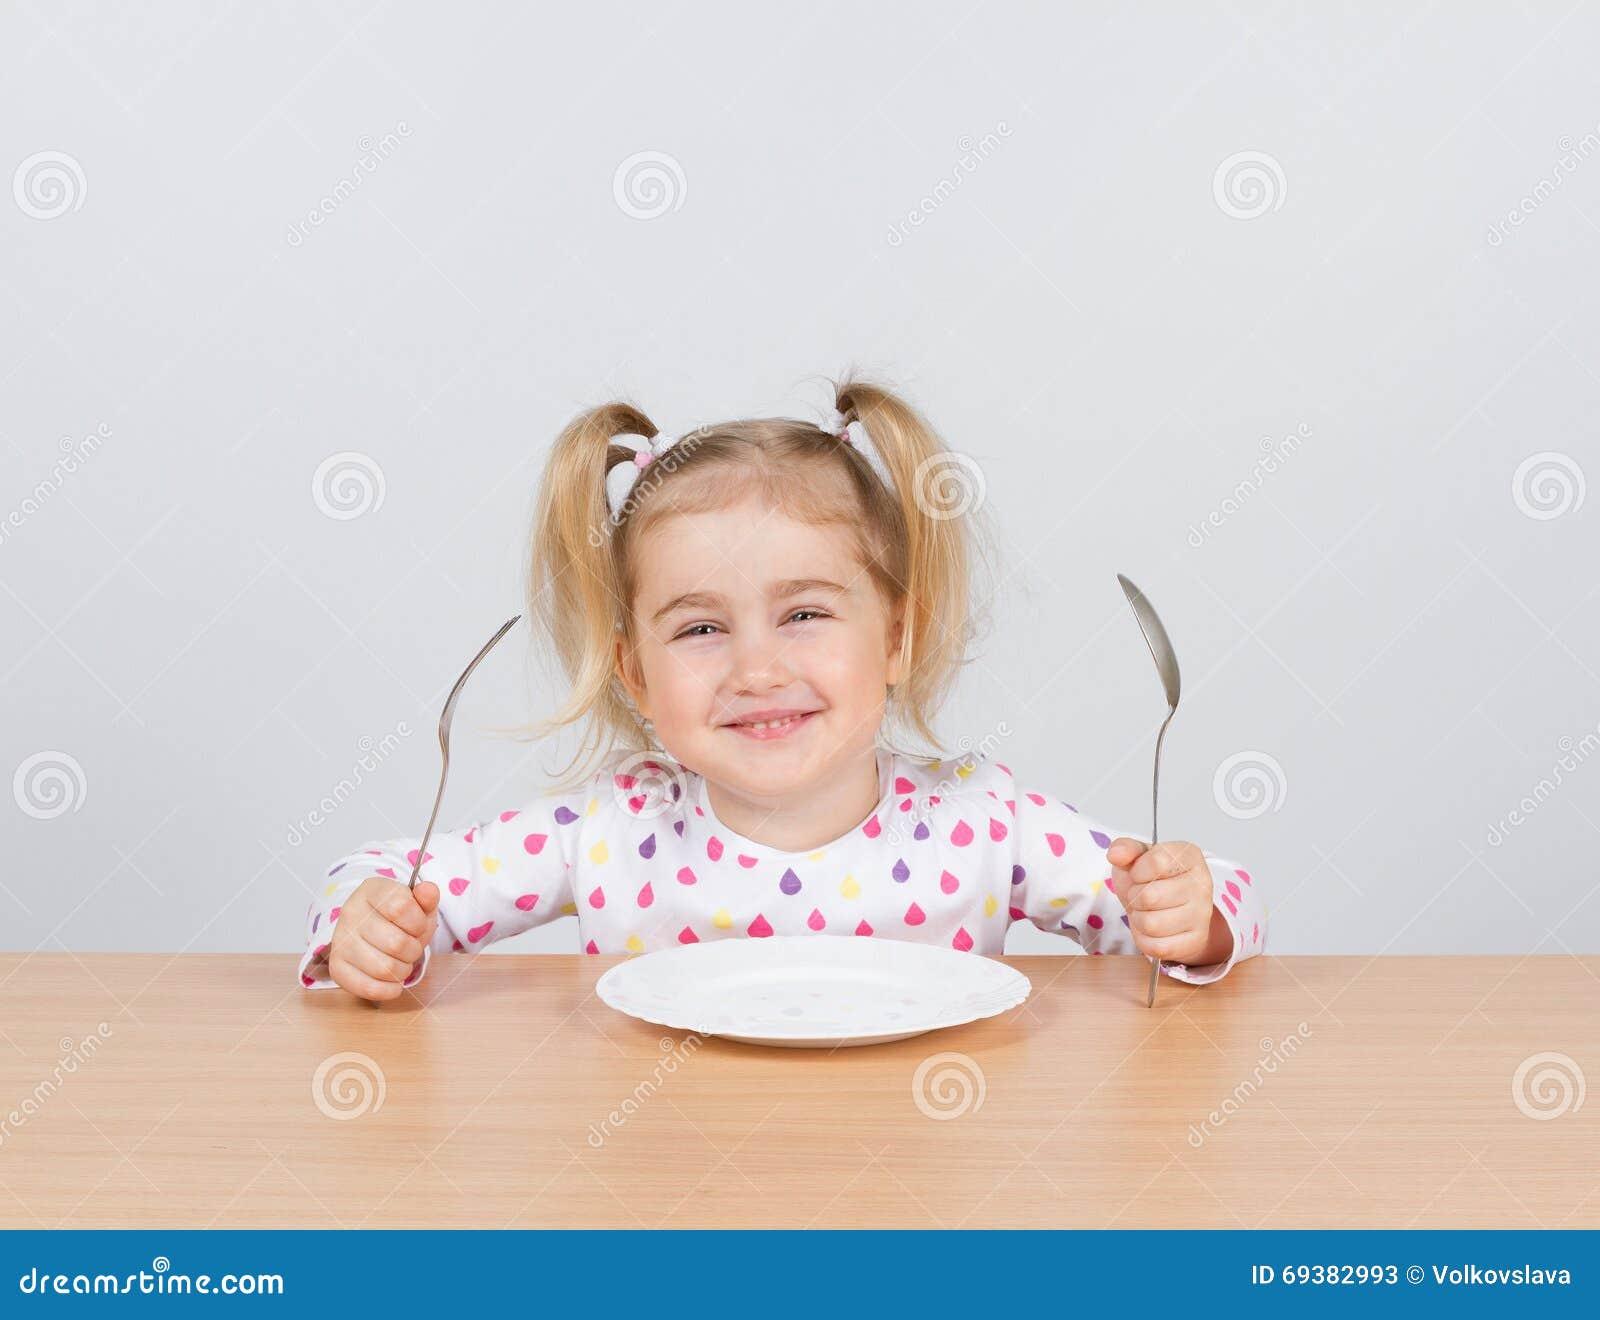 girl fork